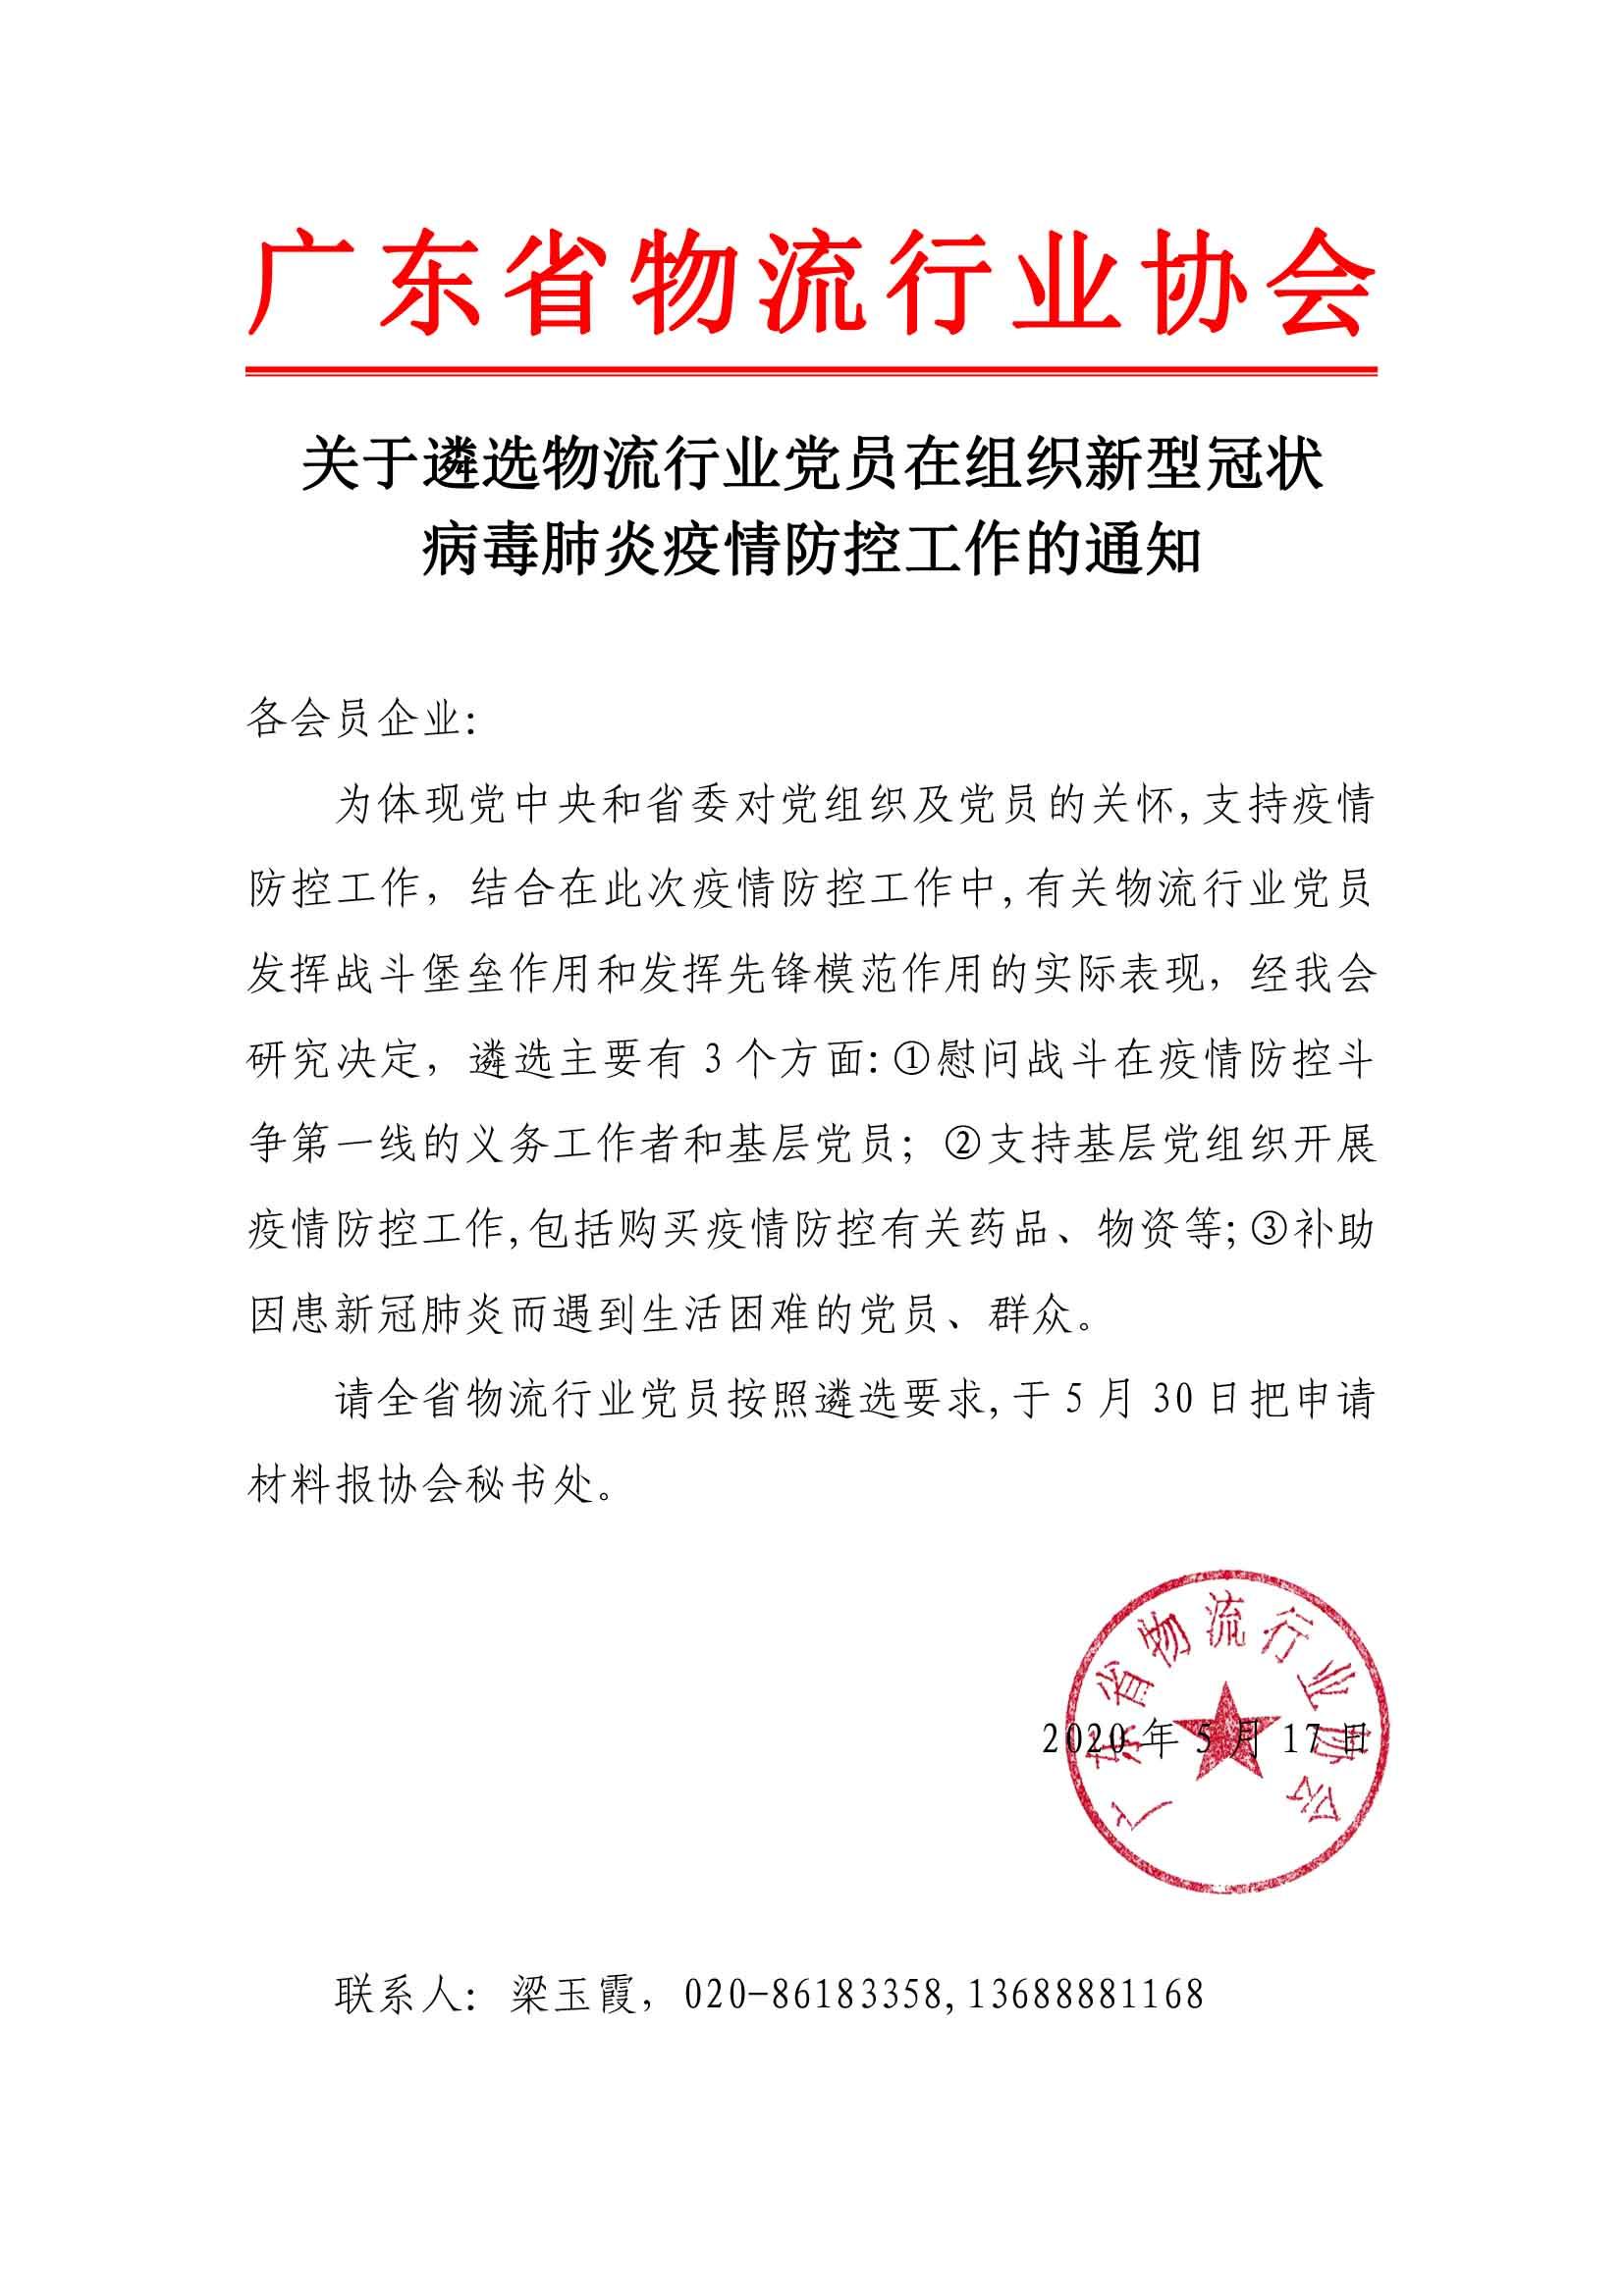 关于遴选万博博彩苹果app下载行业党员在组织新型冠状病毒肺炎疫情防控工作的通知.jpg